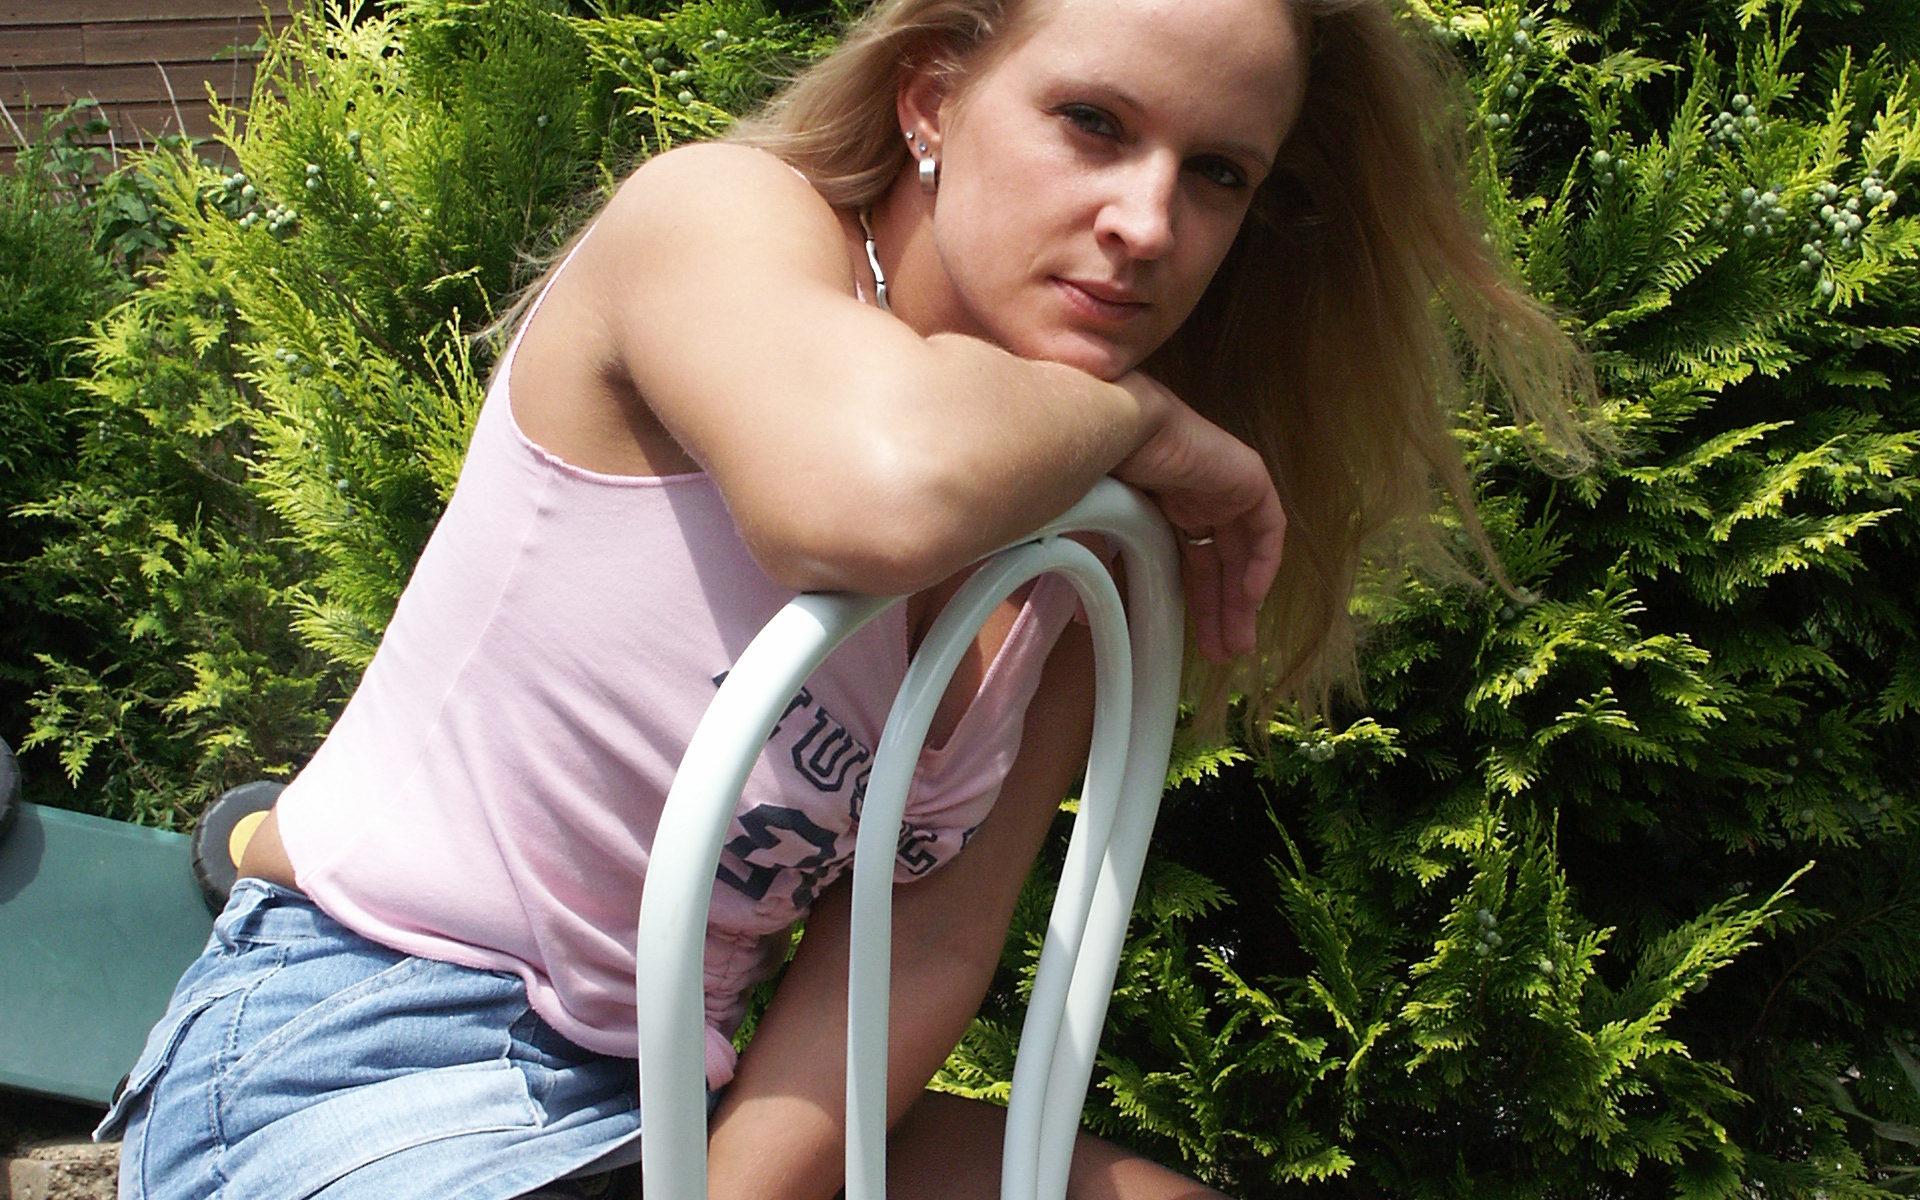 Blonde im Unterhemd sitzt auf Stuhl im Garten